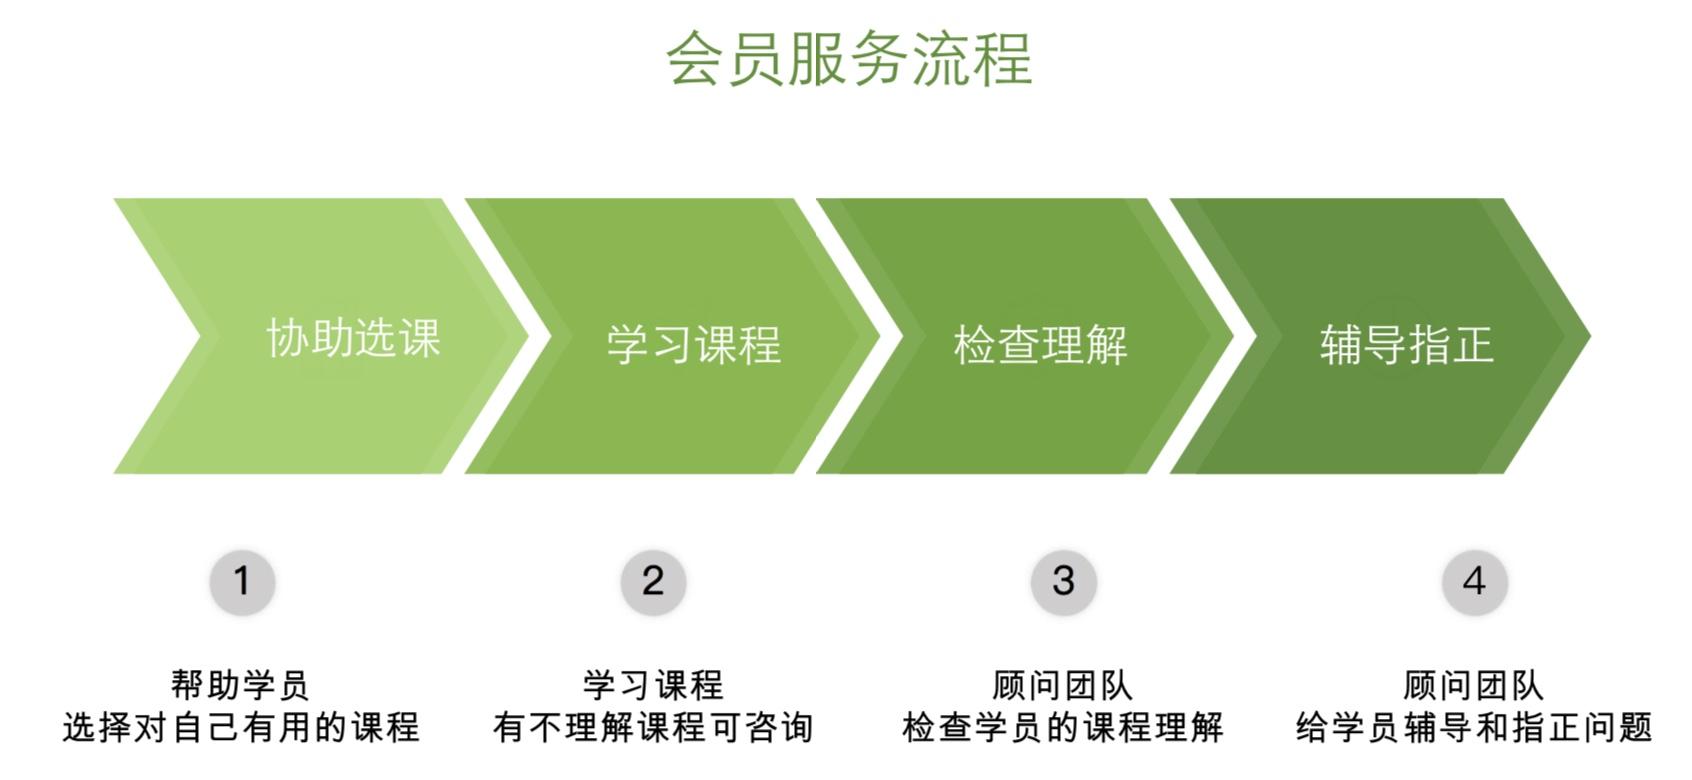 子桓私塾职业规划定制服务介绍-子桓私塾